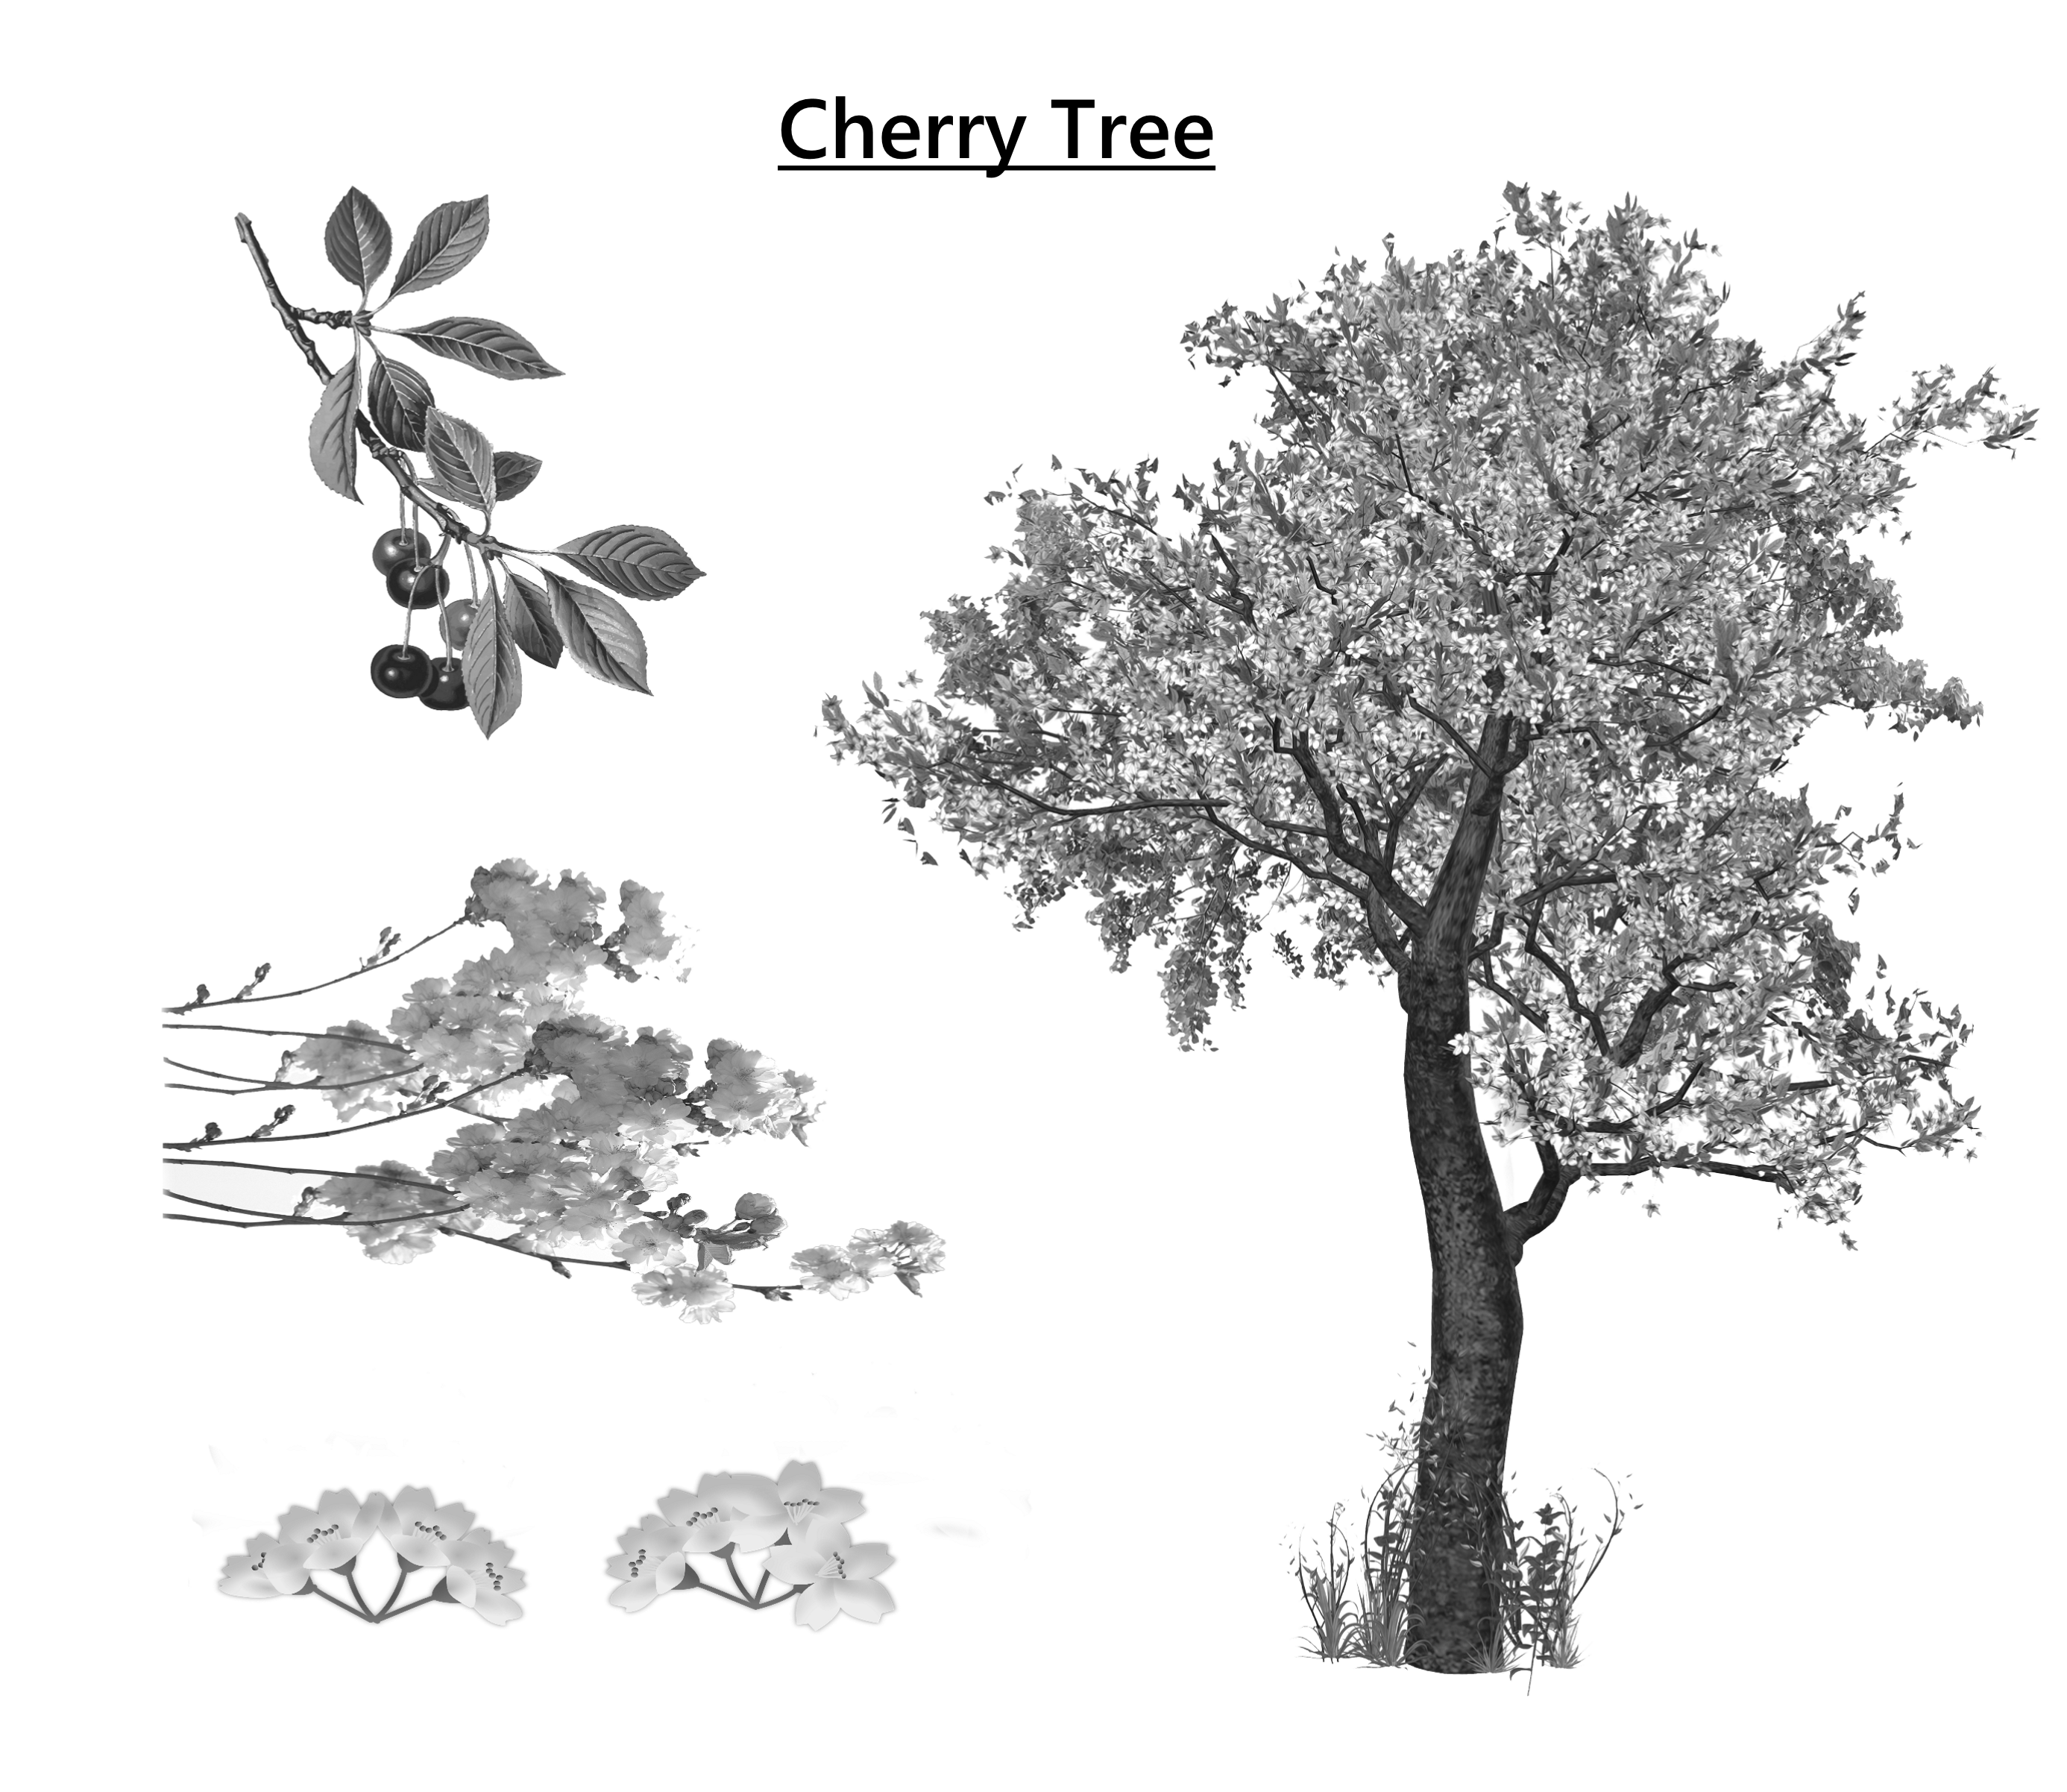 treecherrytree